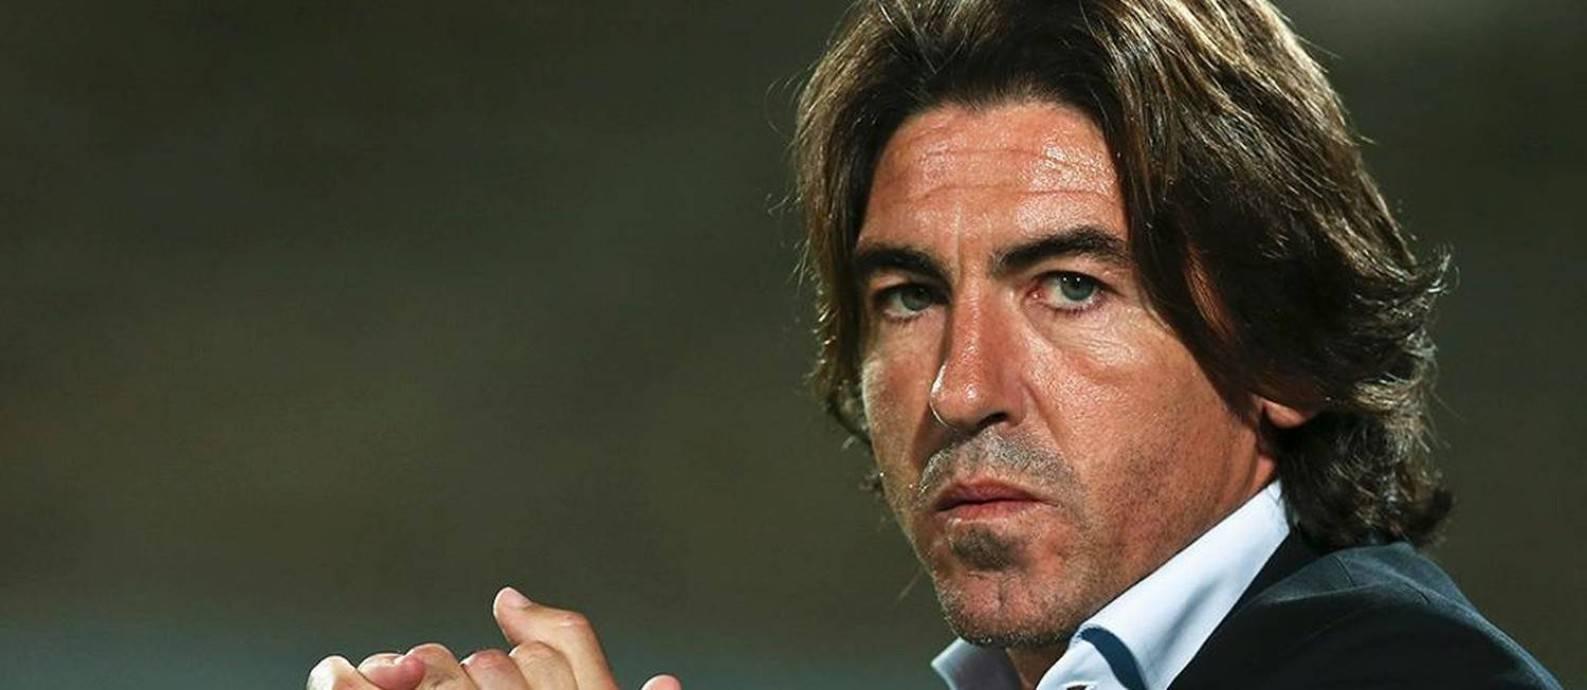 ricardo sa pinto - Vasco anuncia a contratação do técnico português Ricardo Sá Pinto